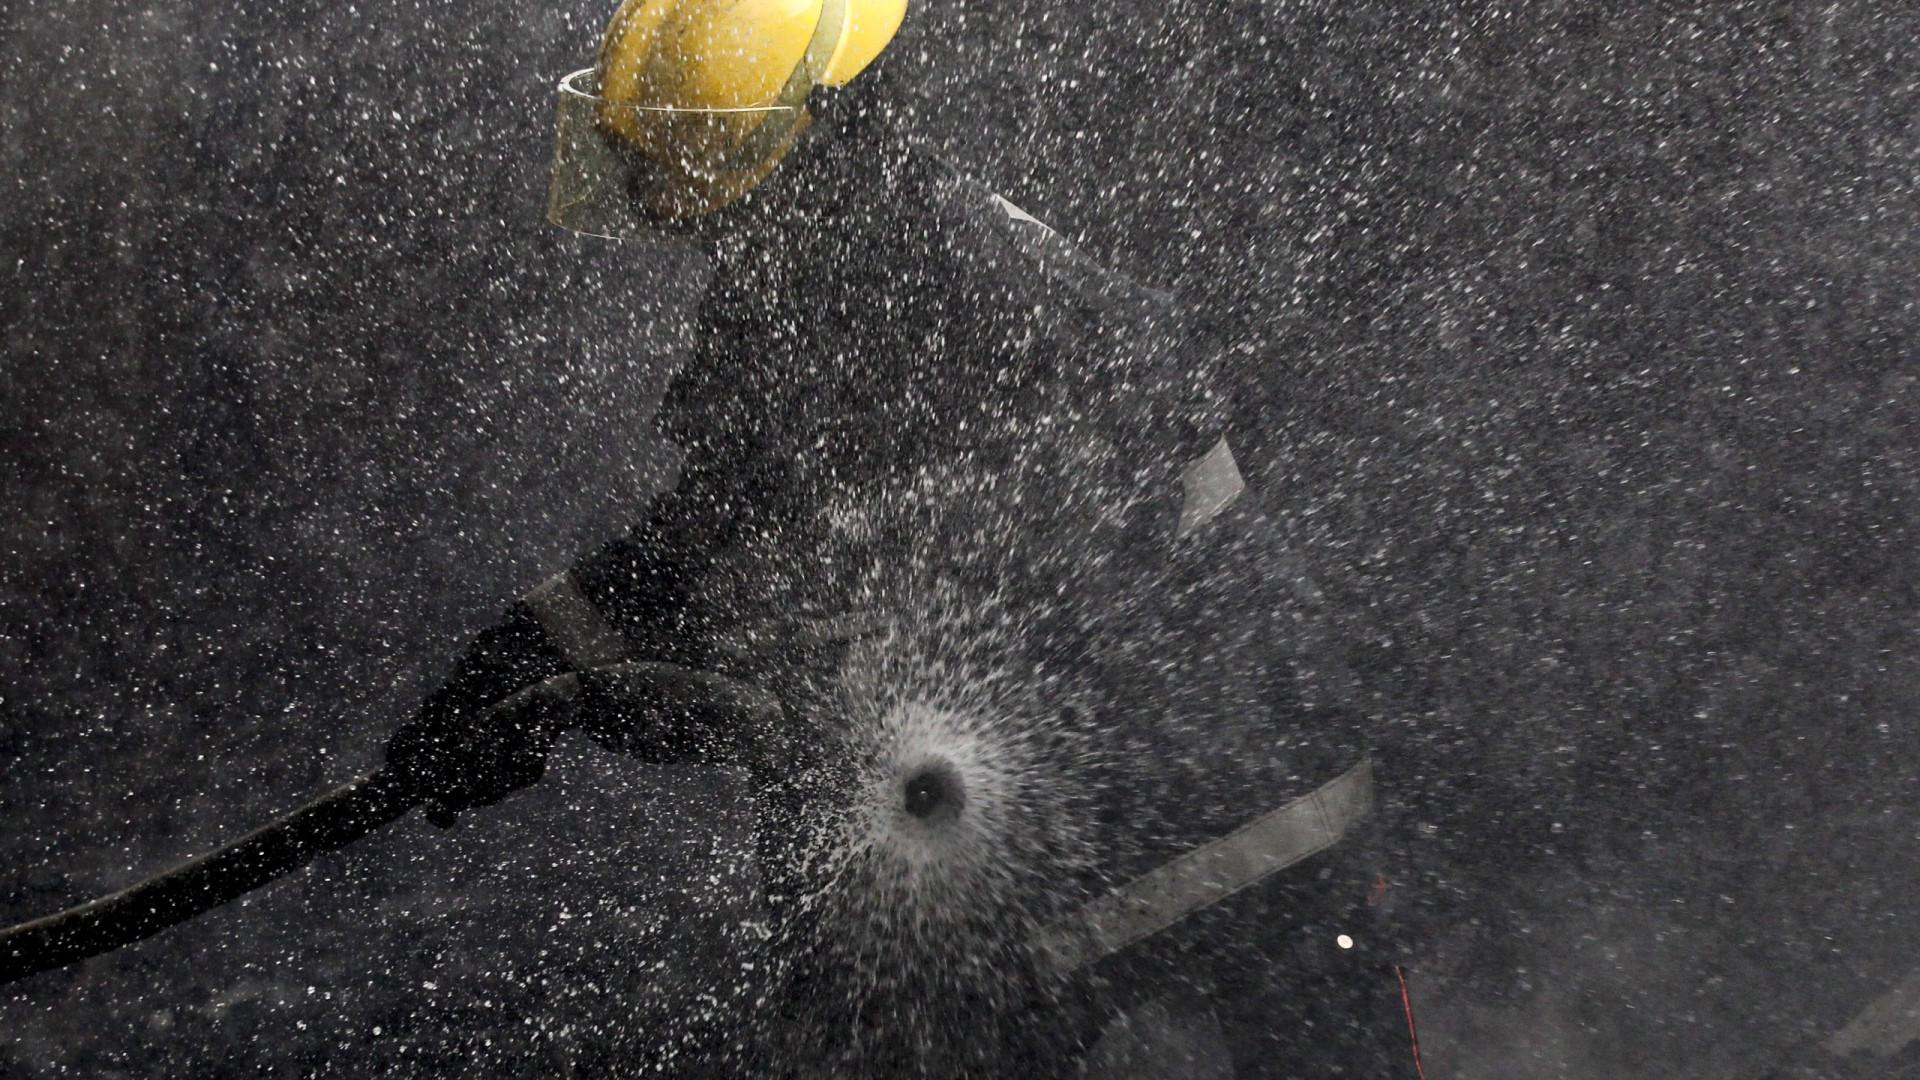 Bombeiros extinguiram fogo em prédio no Funchal que provocou 9 feridos